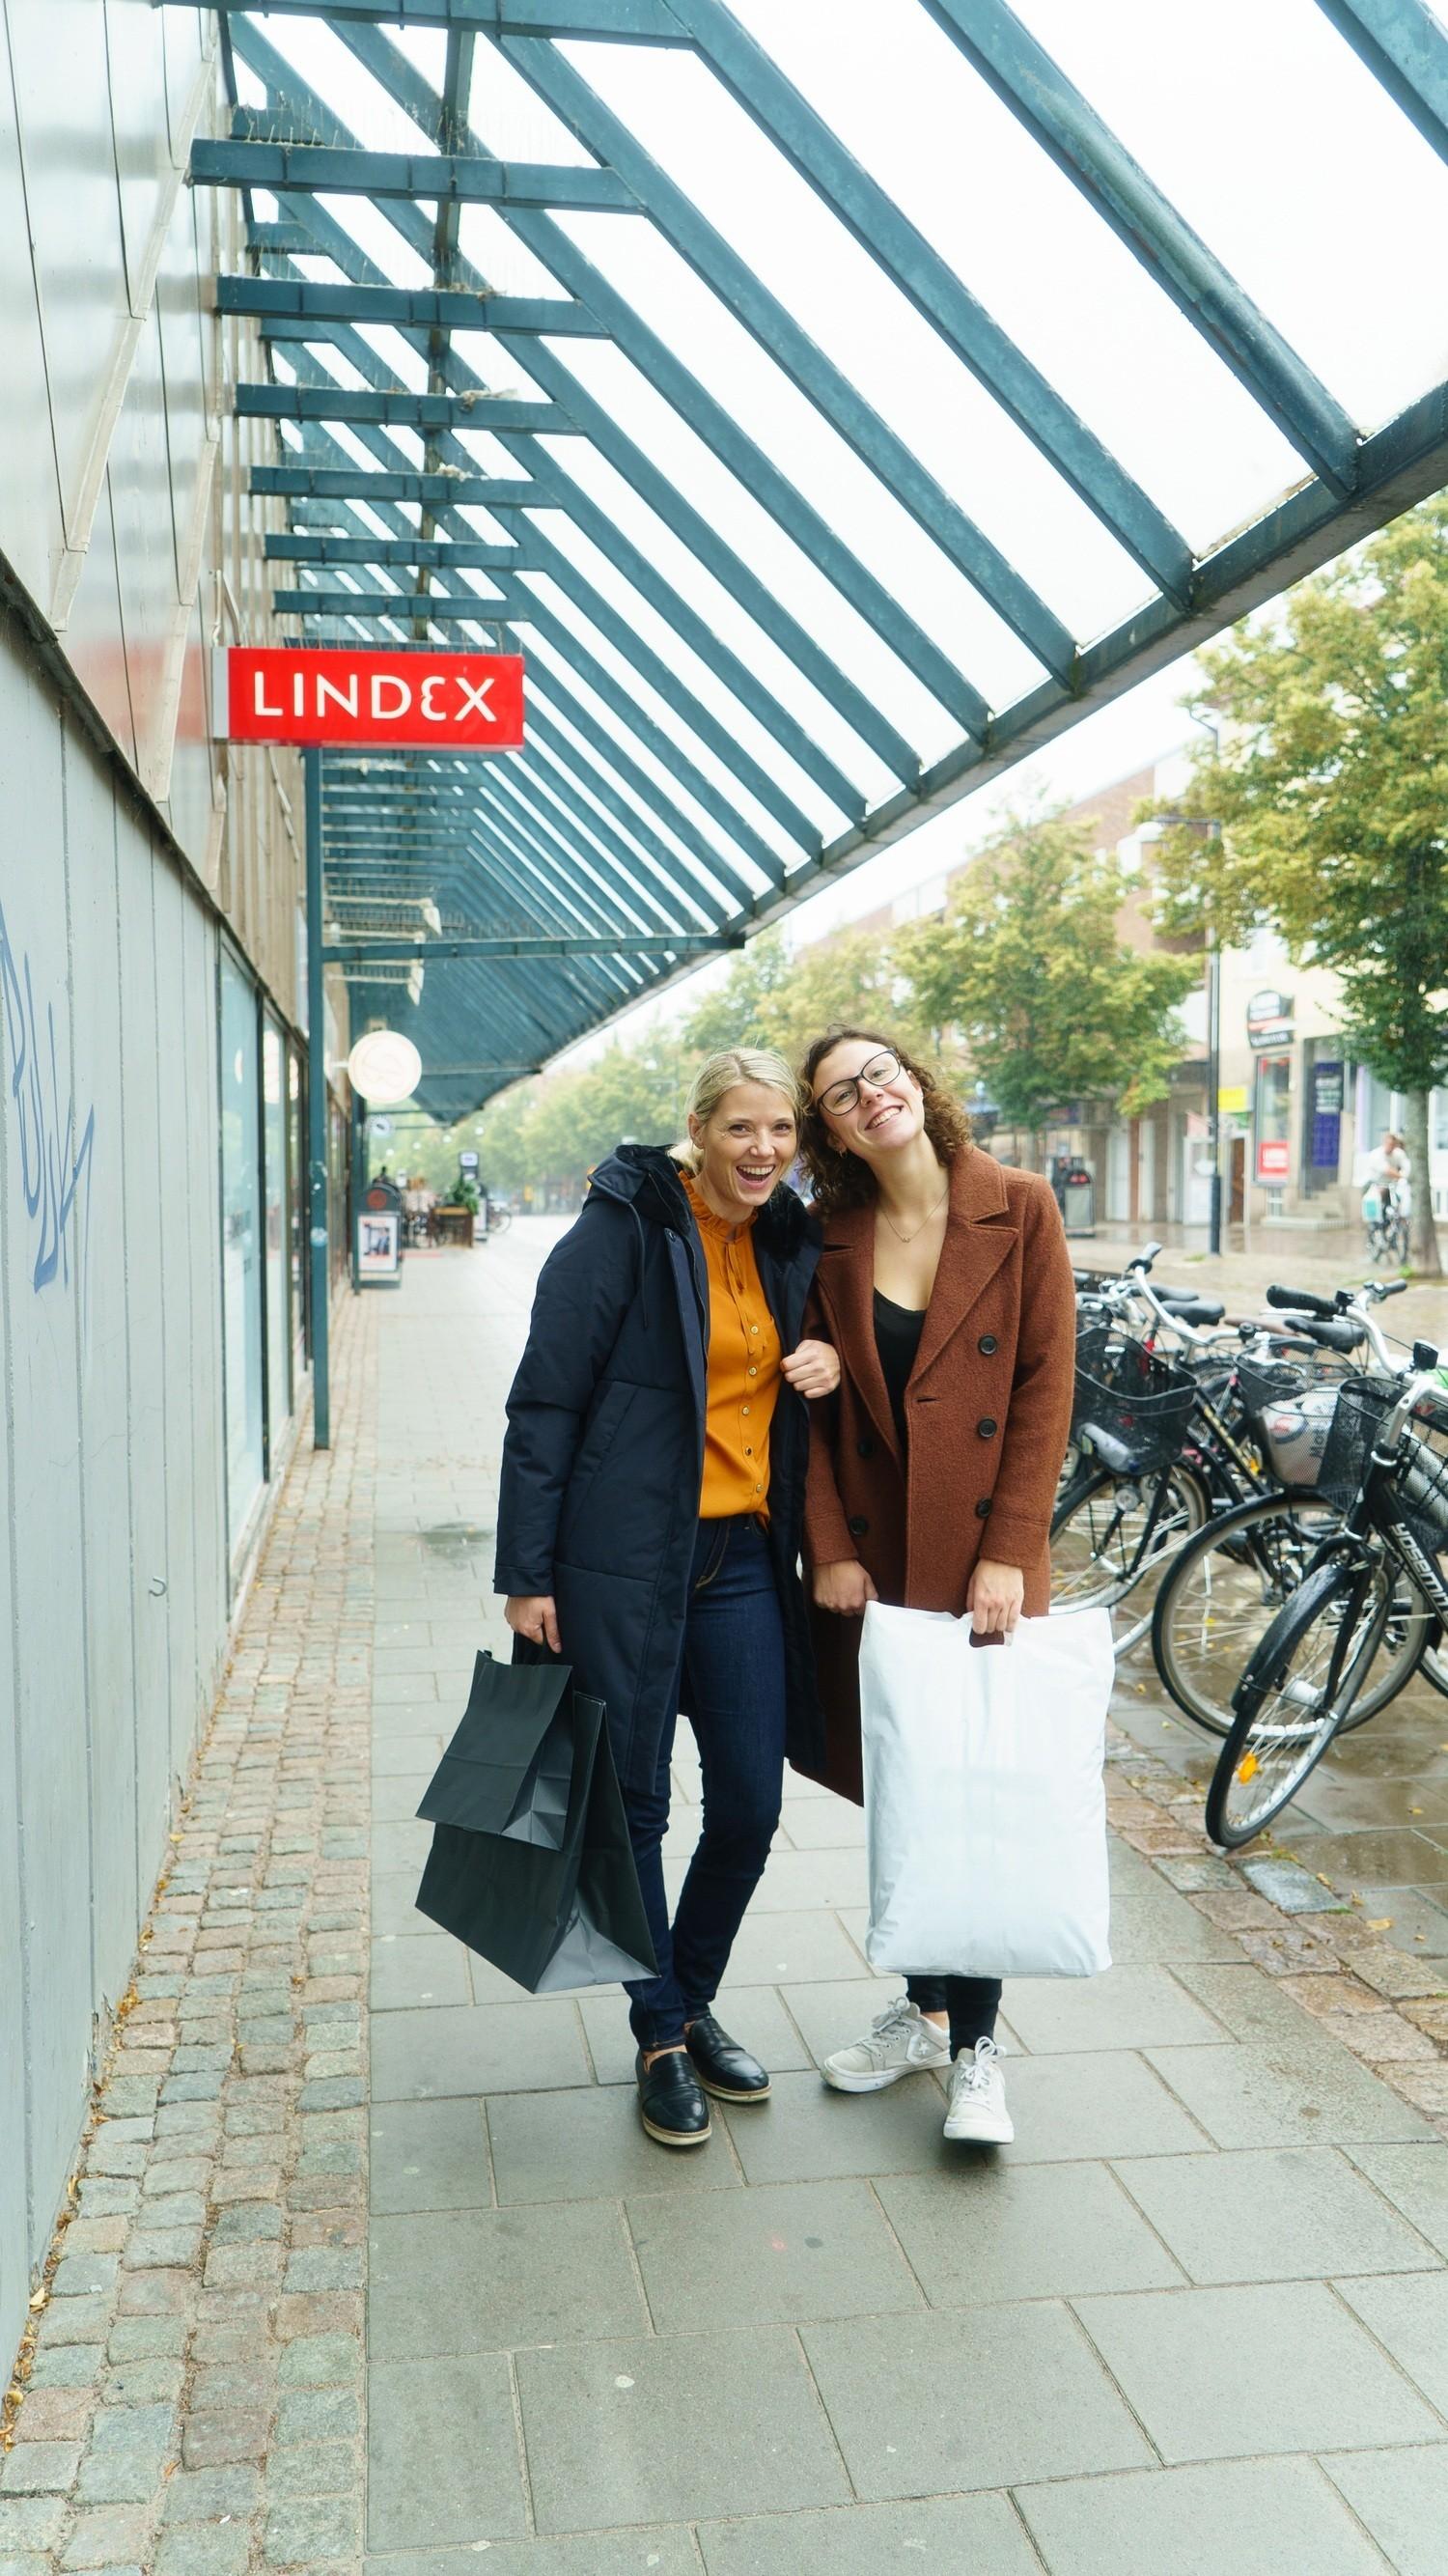 Två kvinnor står utanför galleria med shoppingpåsar i händerna.